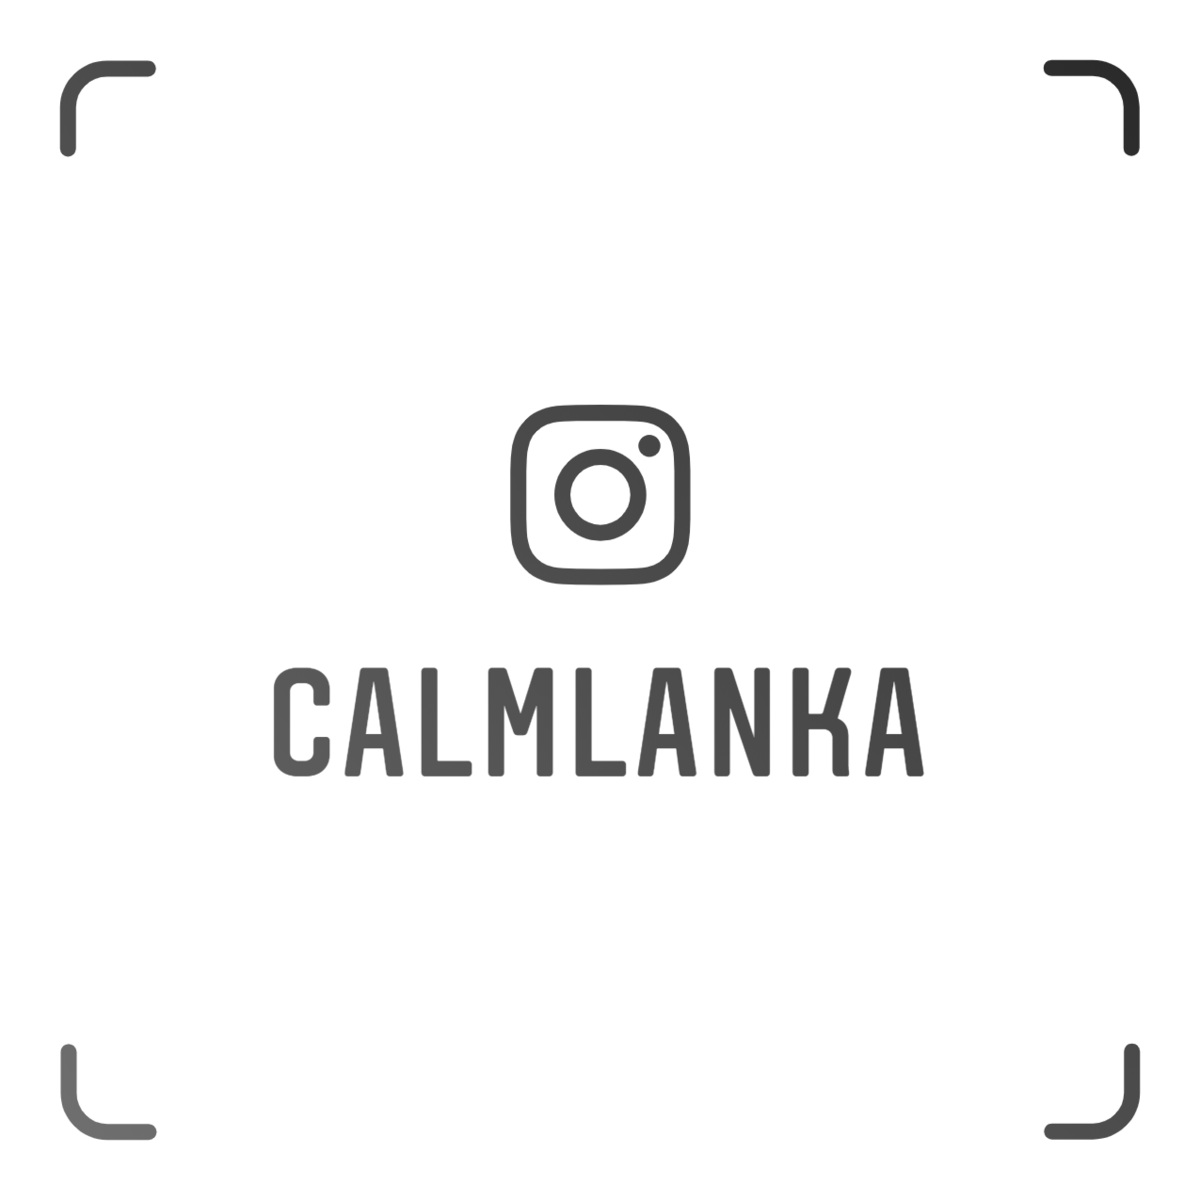 f:id:lanka-b:20190330173040p:plain